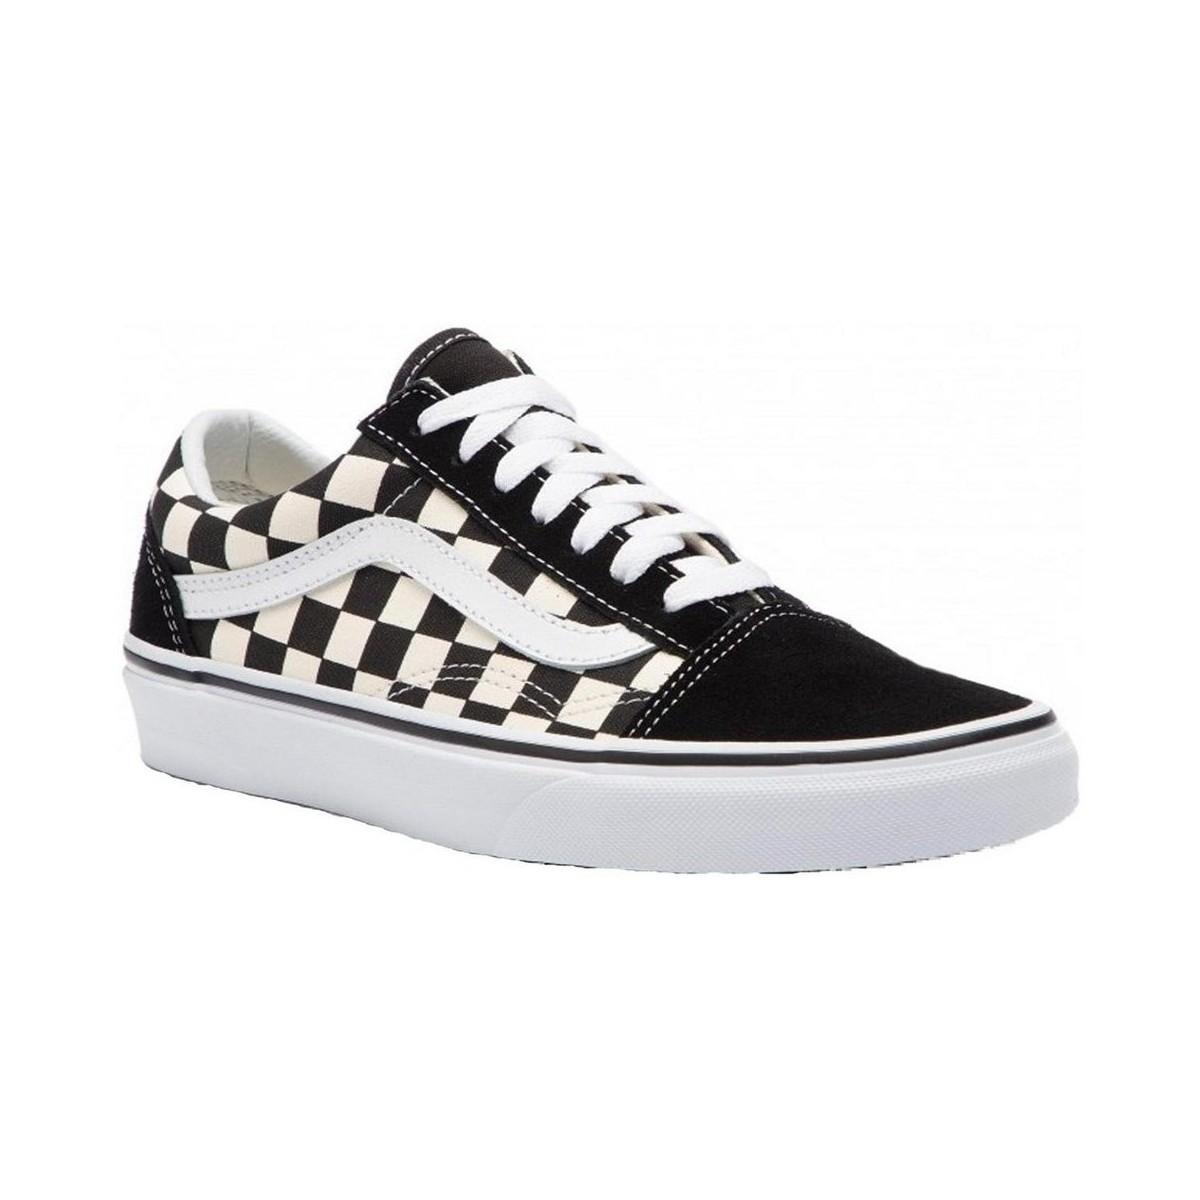 VN0A38J9PVJ1 Chaussures Vans en coloris Noir - 17 % de réduction Mqqy